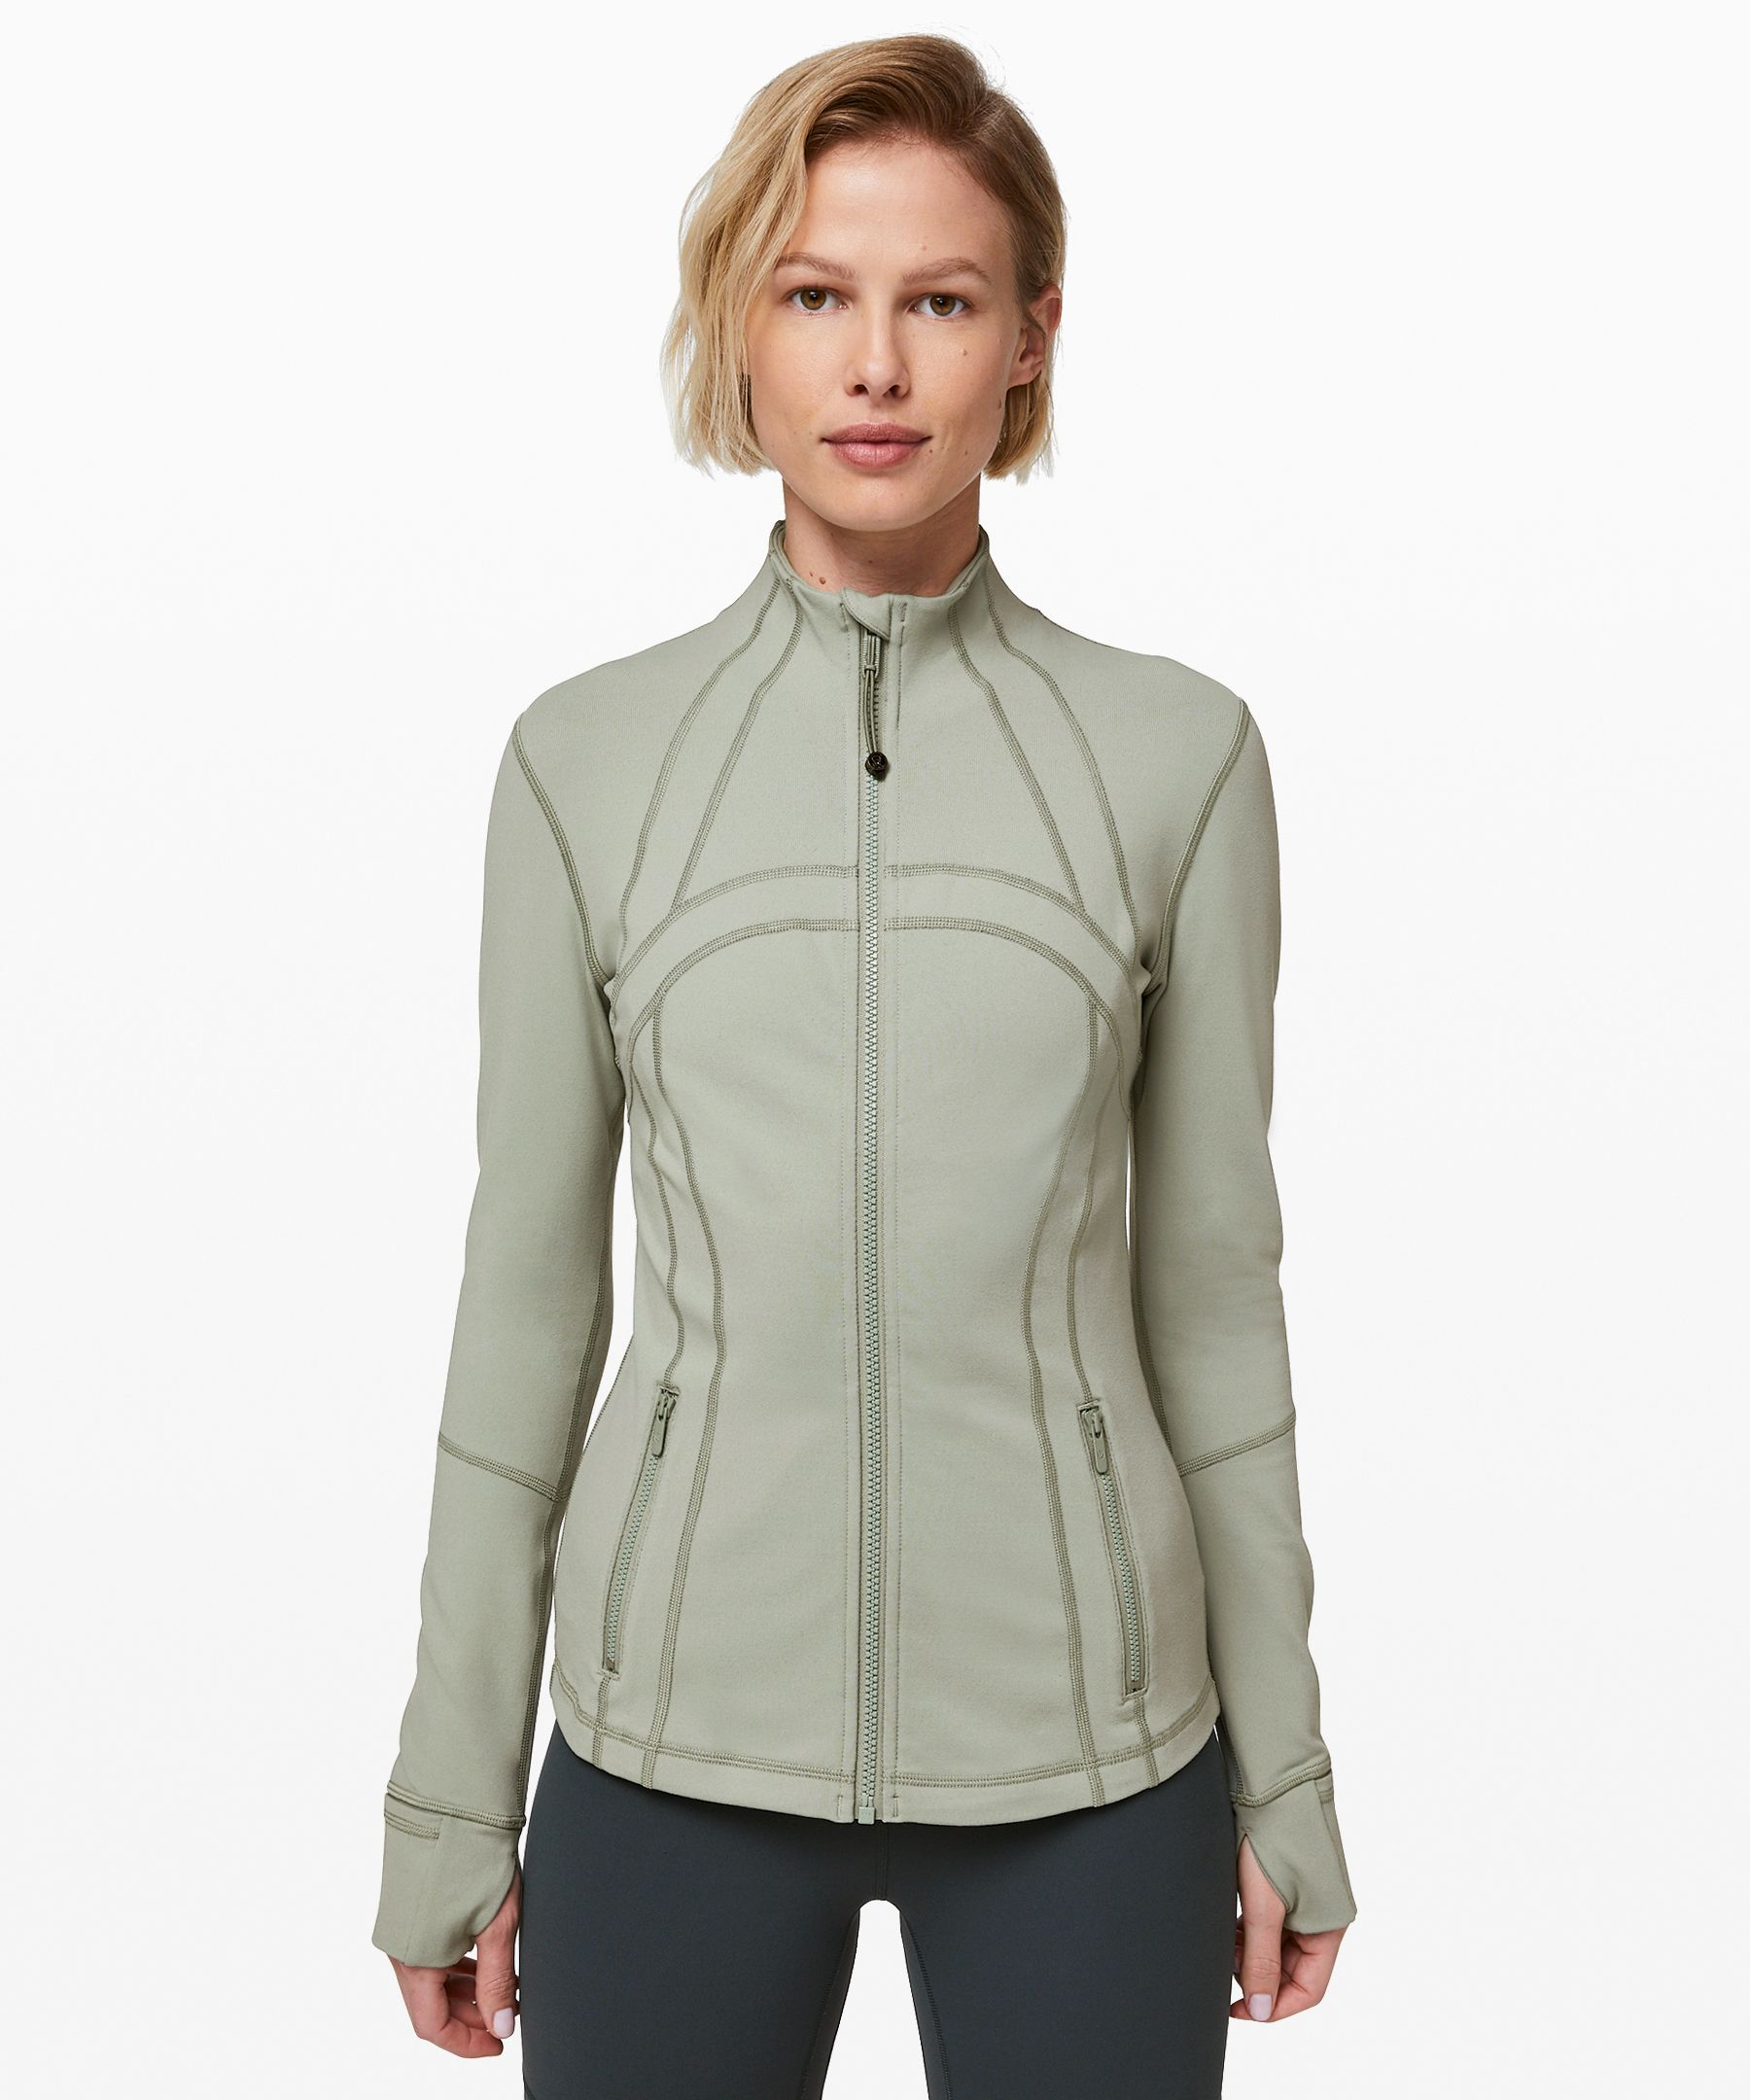 Lululemon Define Jacket In Sea Moss